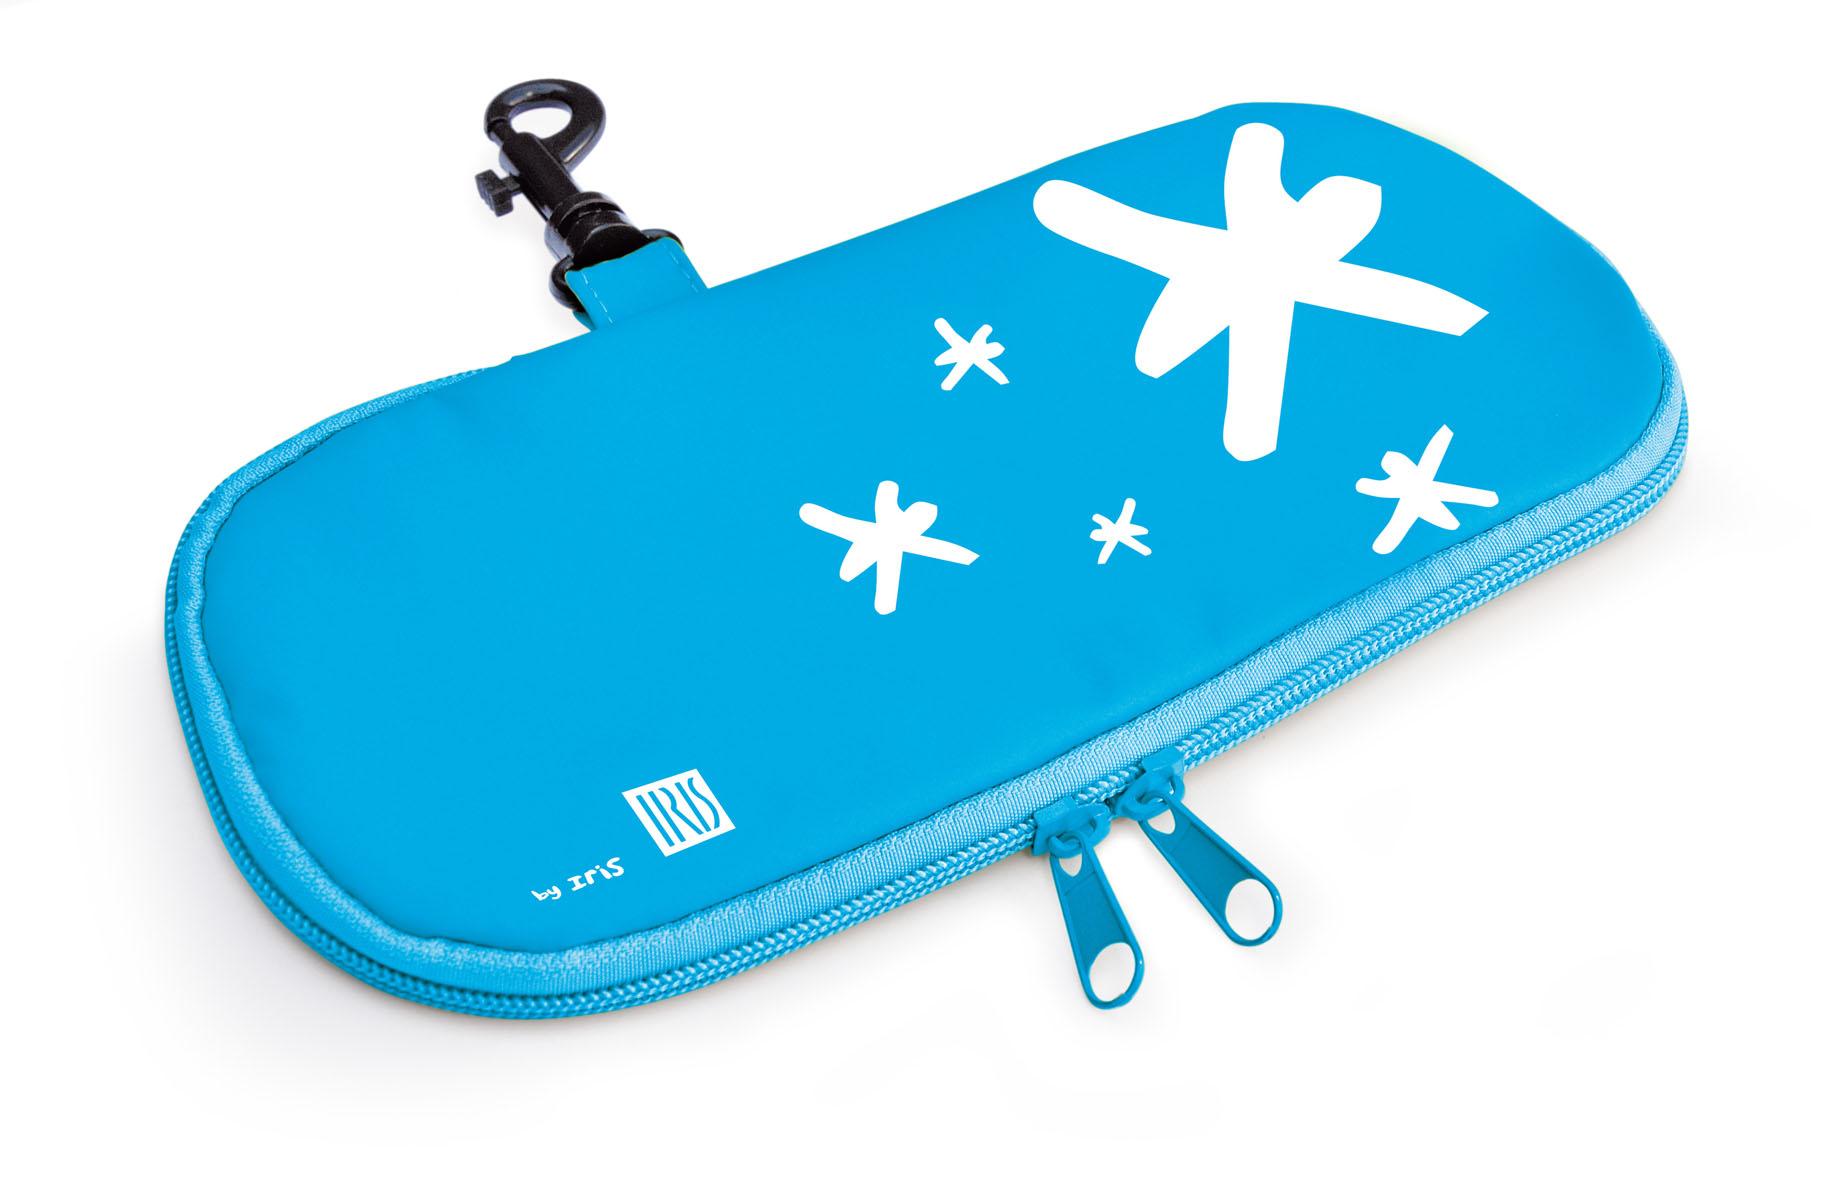 Термобутербродница мягкая Iris Barcelona Kids, цвет: голубой, 24 х 12 смVT-1520(SR)Мягкая термобутербродница Iris Barcelona Kids идеально подходит, чтобы взять в школу, на прогулку или в поездку. В течение нескольких часов сохранит еду свежей и вкусной благодаря специальному внутреннему покрытию из теплоизолирующего материала. Специальный фиксирующий поясок не позволит бутерброду распасться.Безопасный пластмассовый карабин позволит легко пристегнуть бутербродницу к ранцу или сумке.Заменяет все одноразовые упаковки. При бережном использовании прослужит не один год.